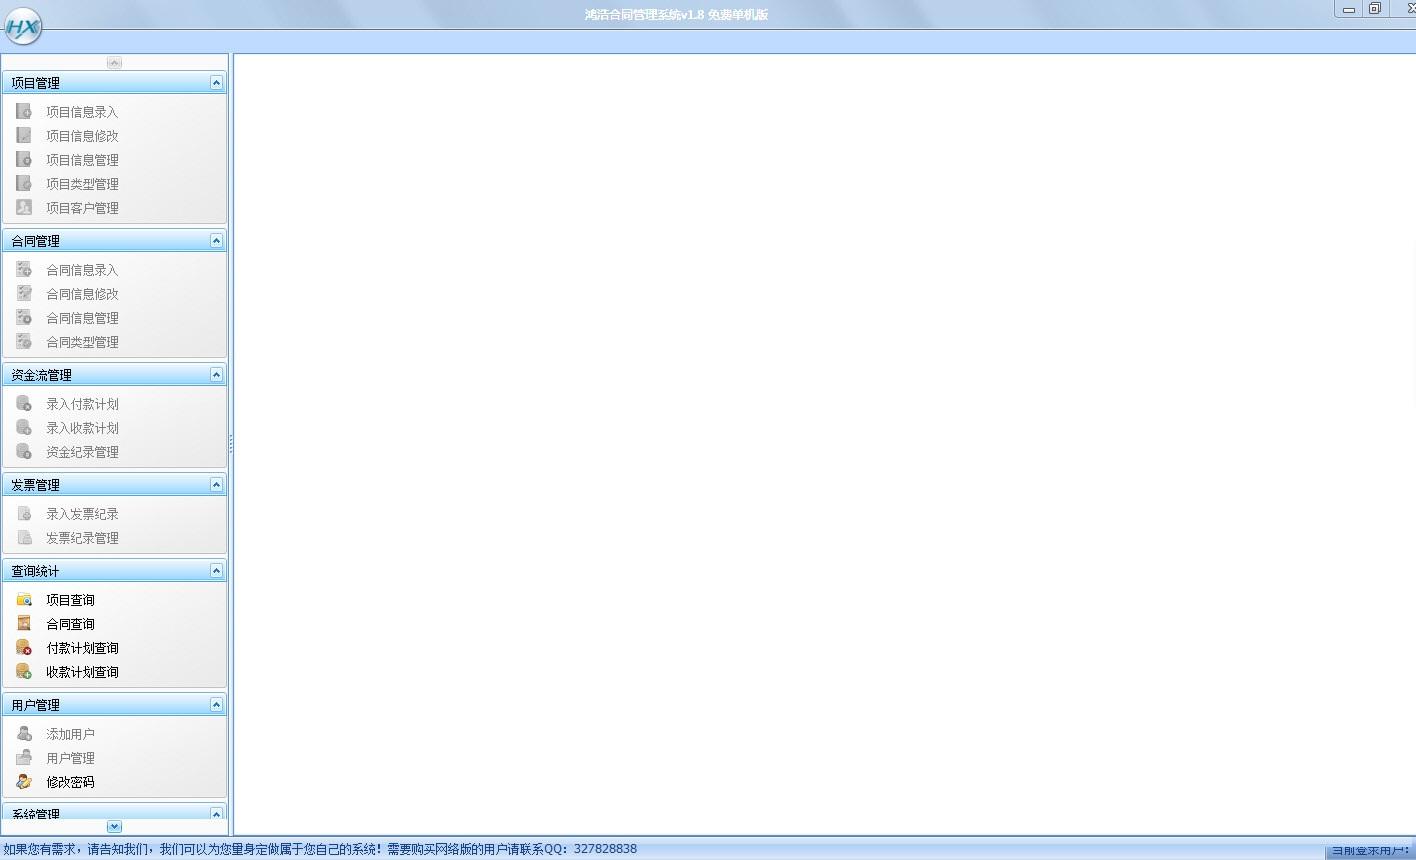 鸿浩合同管理系统截图